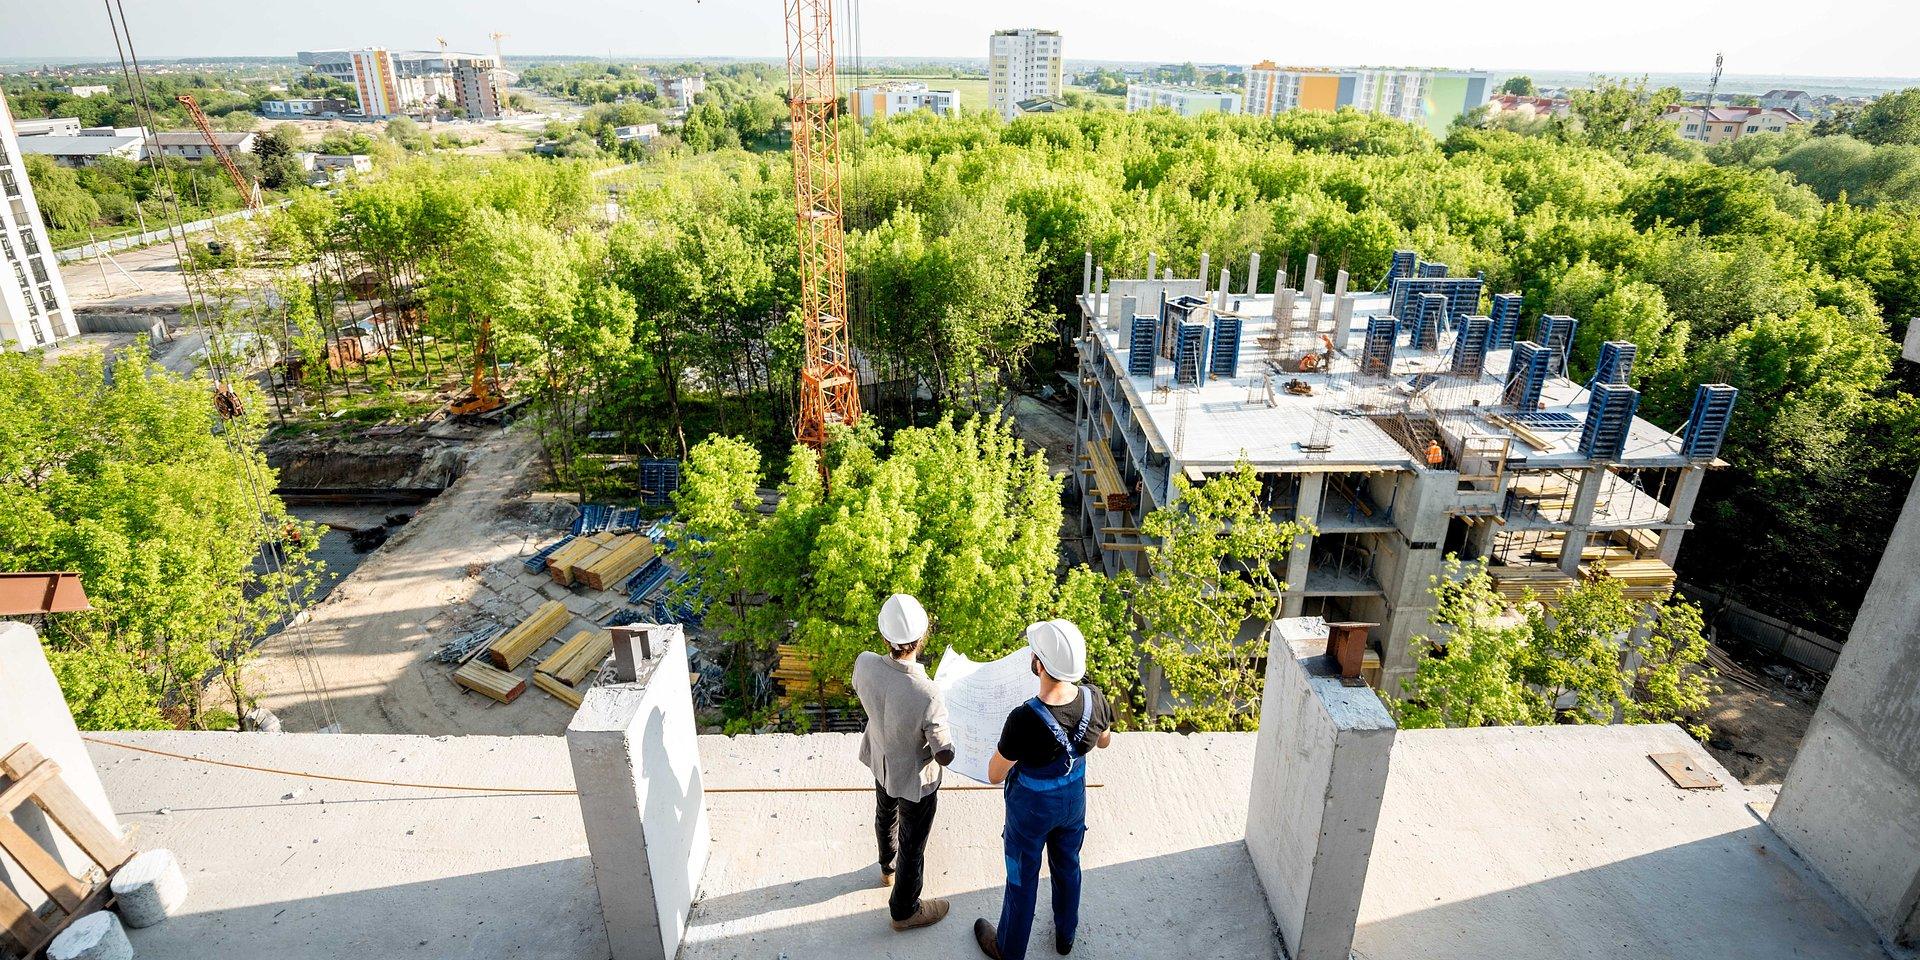 USA: budowictwo mieszkaniowe powyżej poziomów z 2019